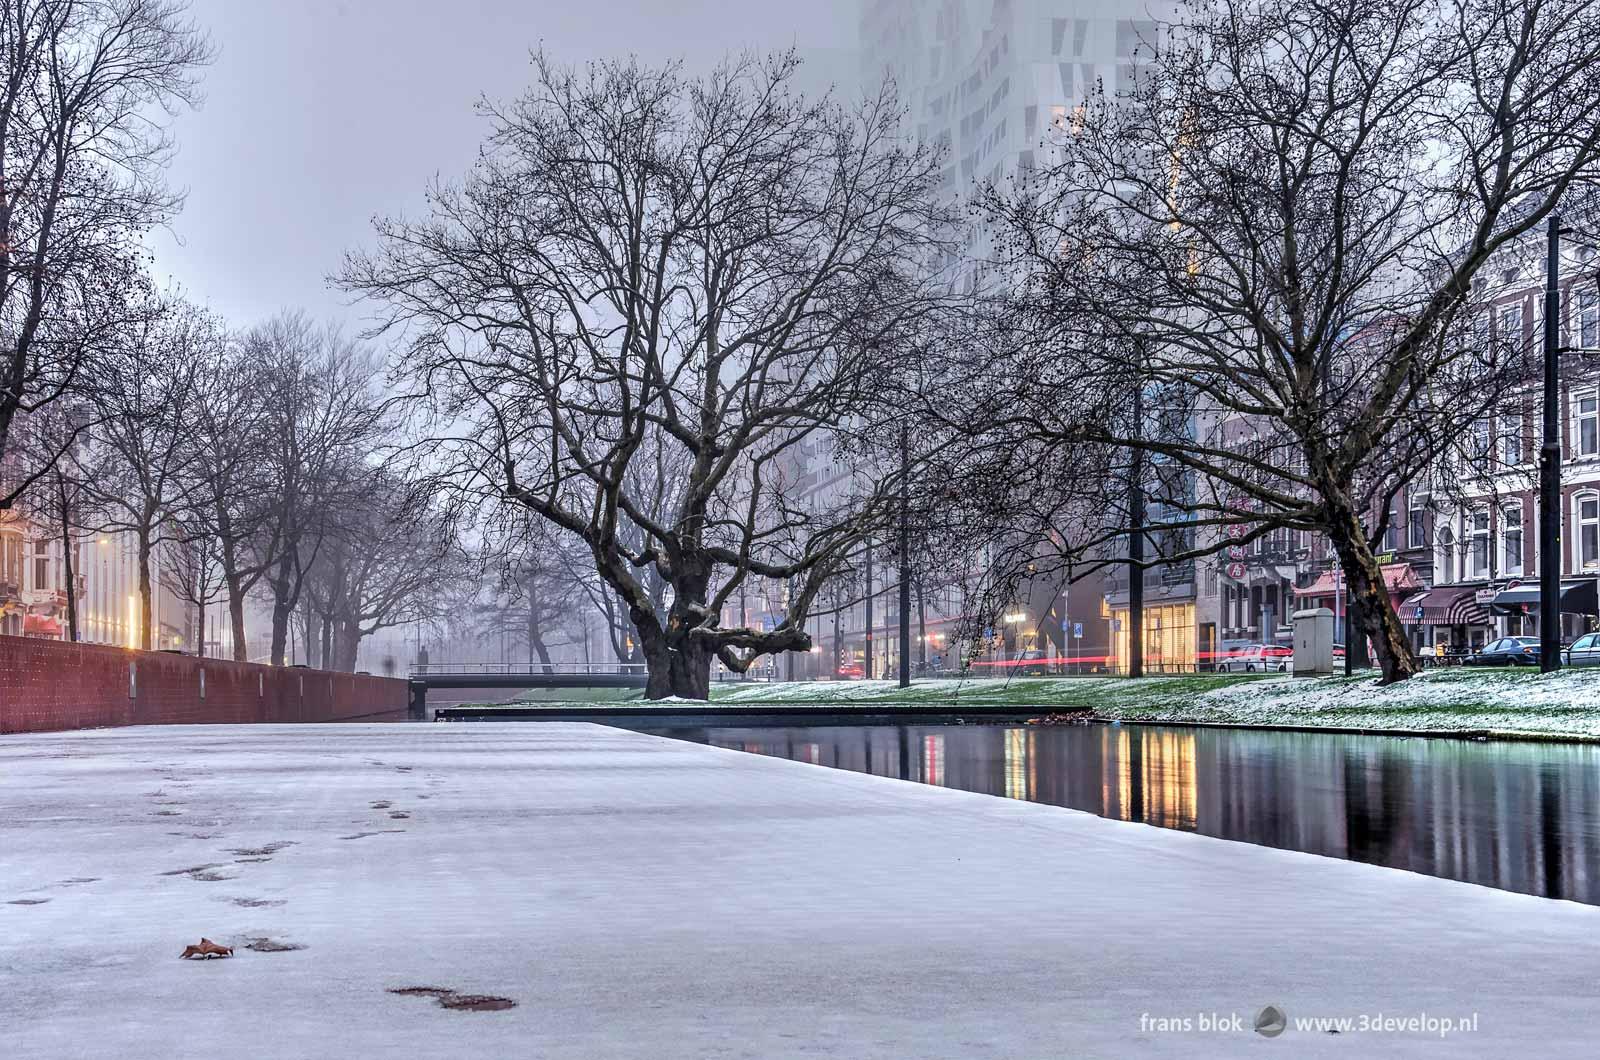 Foto gemaakt op een zondagochtend in december op de lage kade van de Westersingel in Rotterdam, met een dun laagje sneeuw, kale bomen en het Calypso-gebouw dat haast verdwijnt in de mist